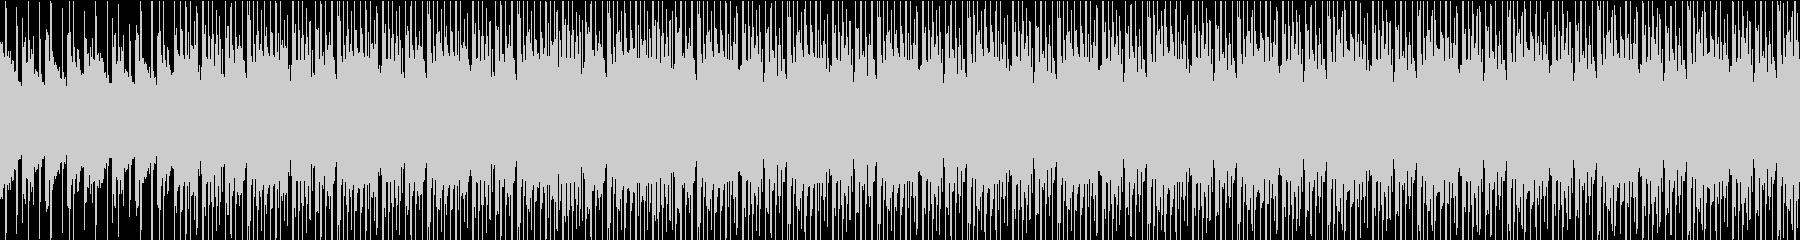 【ループ】クラップとピアノが印象的なおしの未再生の波形